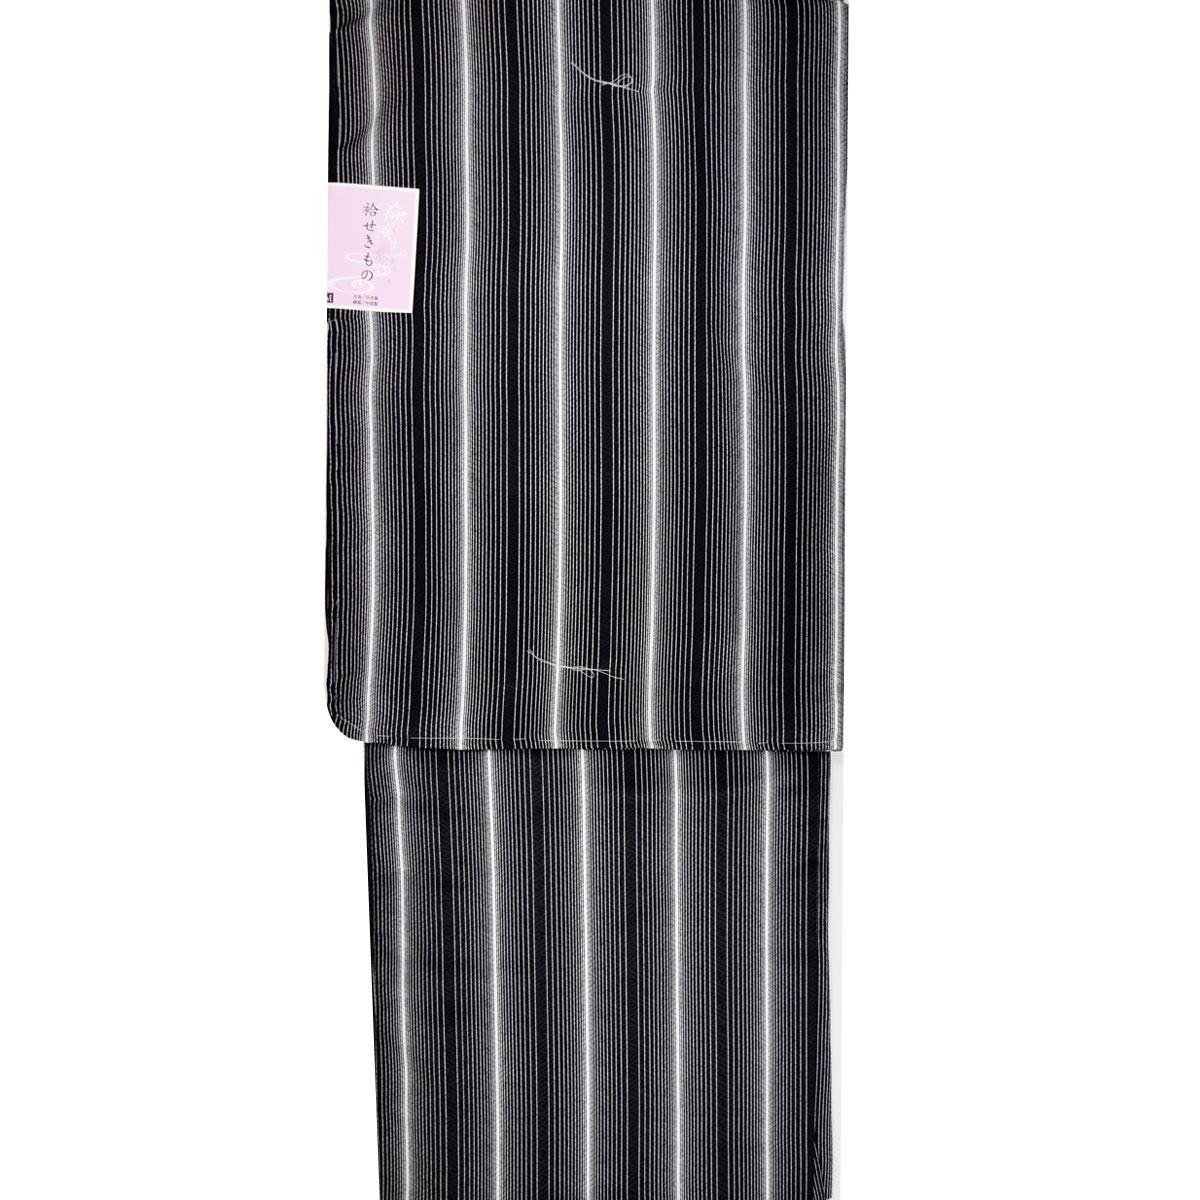 【史上最も激安】 【L寸】上質生地仕立て上がり袷洗える着物【単品】番号c902-31 kimono washable kimono washable, 水泳SHOP プレイスマート:99998871 --- canoncity.azurewebsites.net